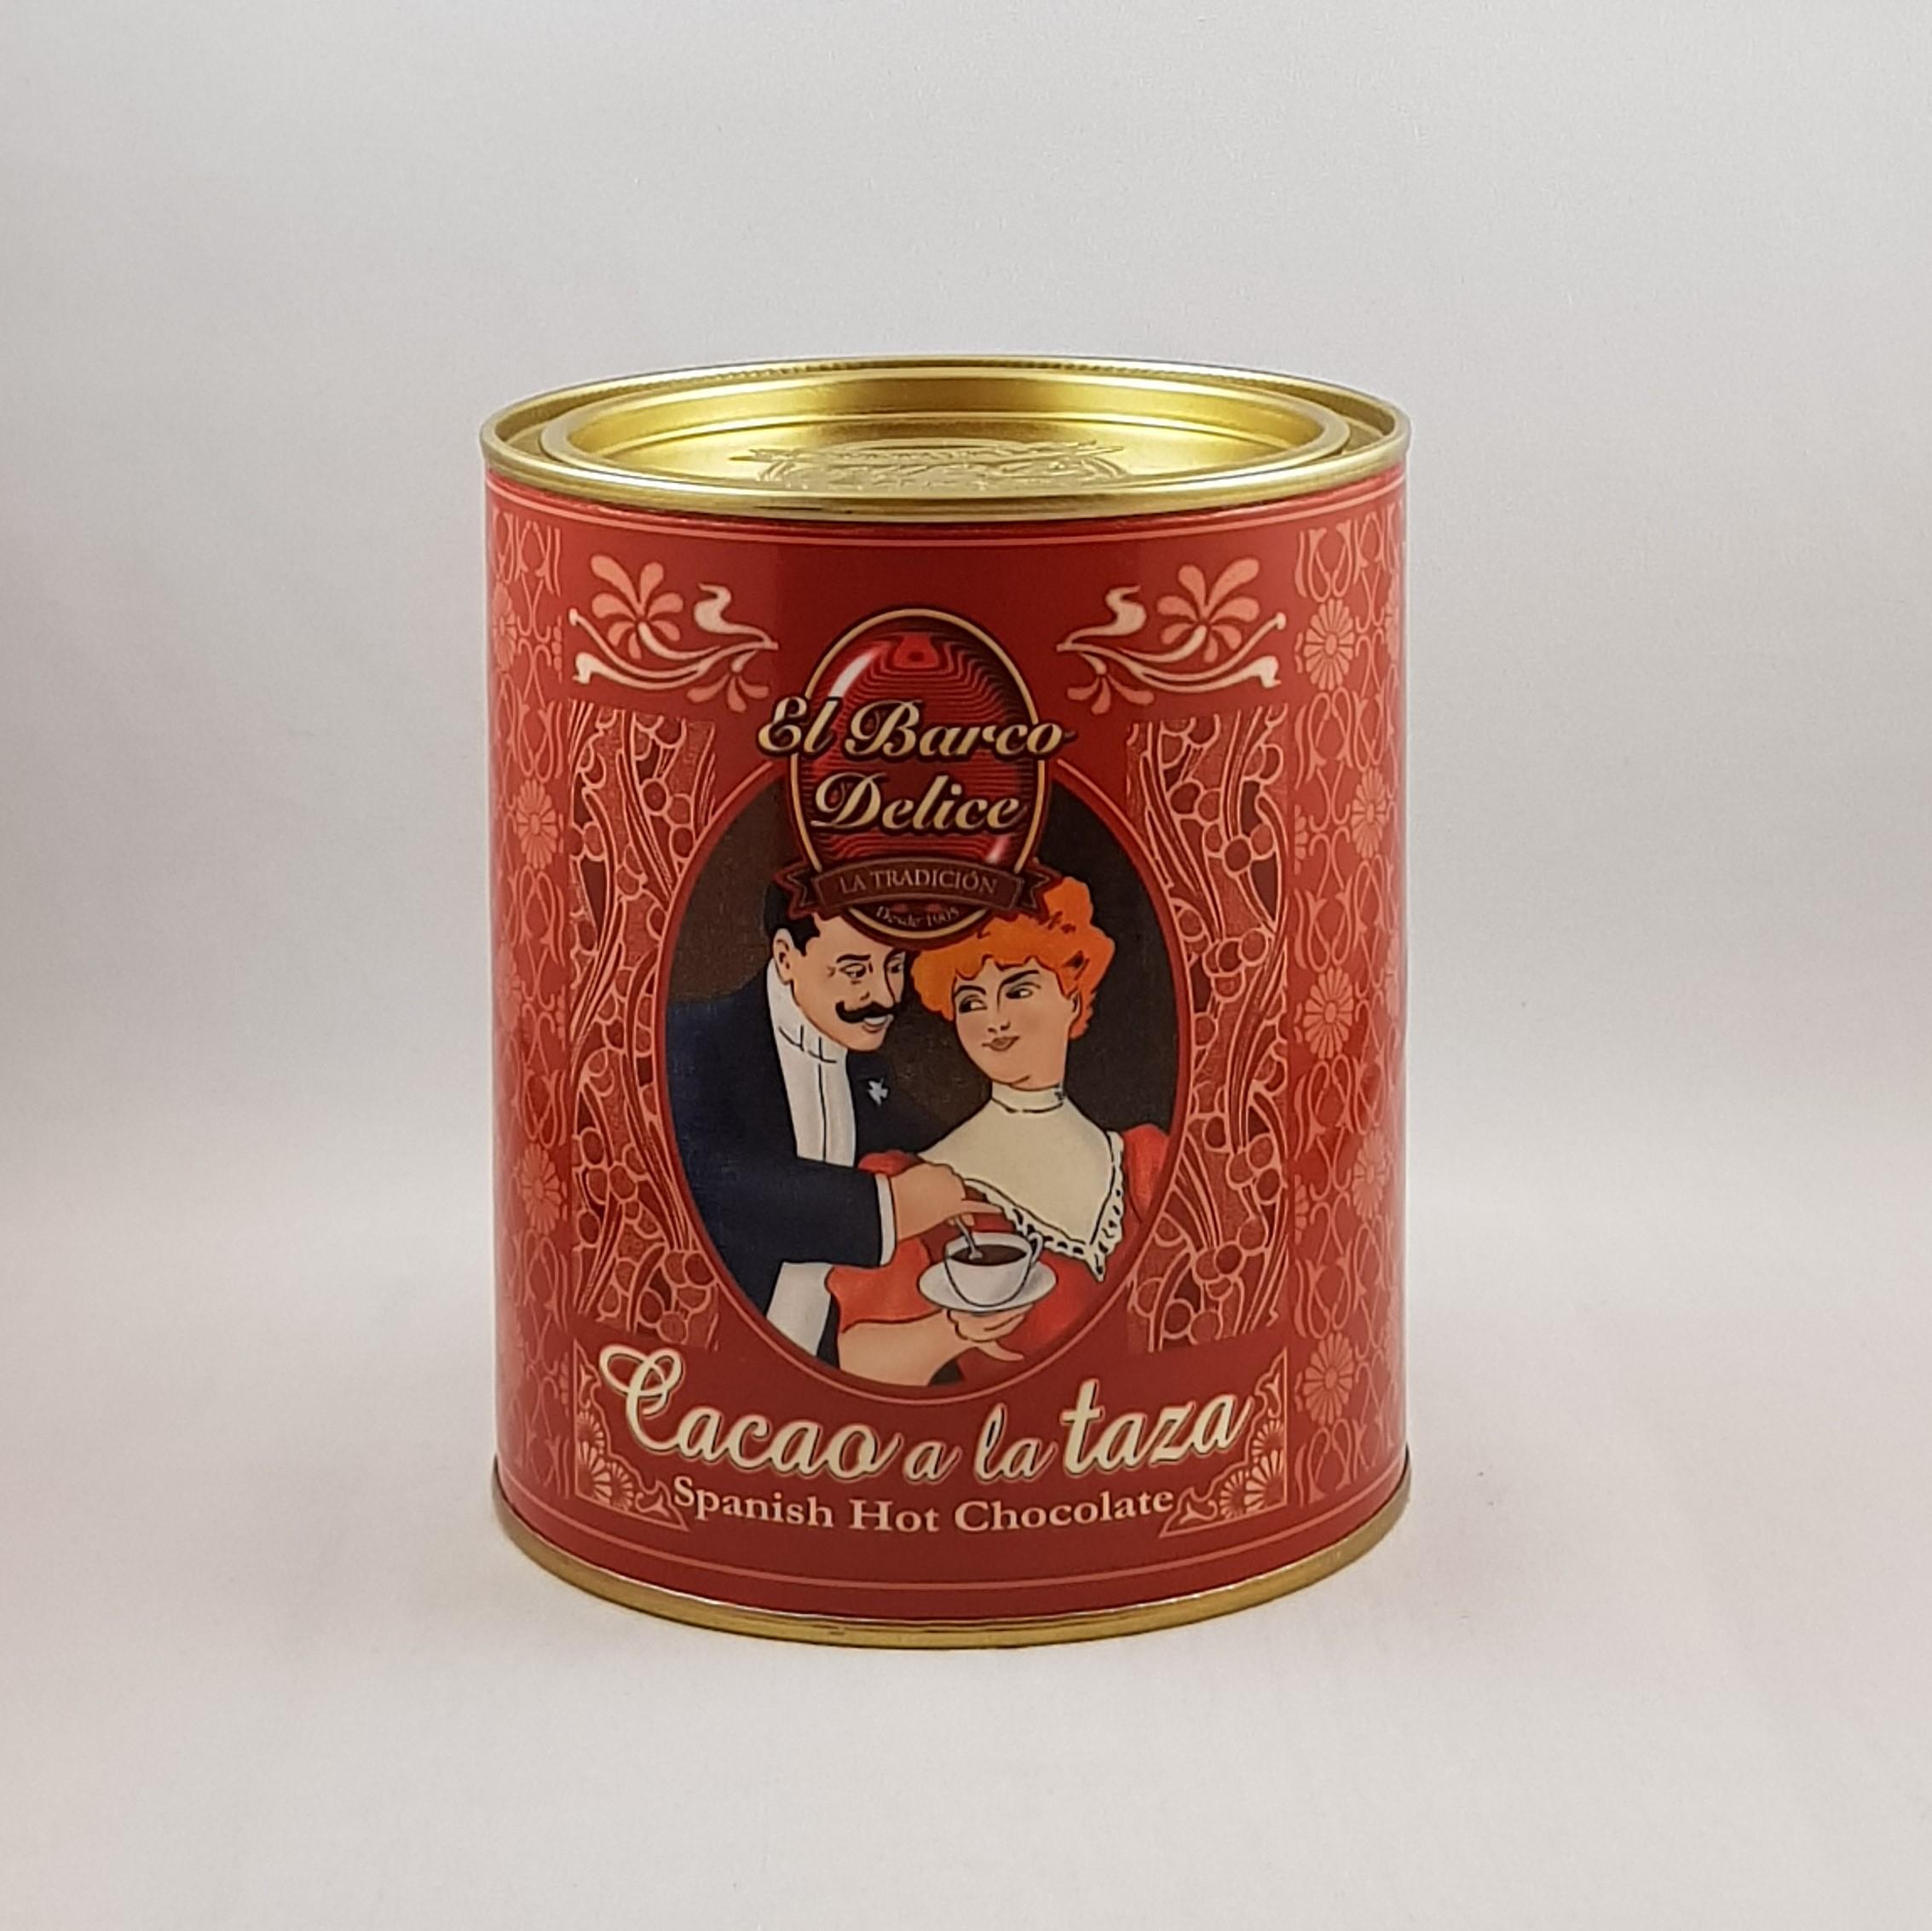 El Barco Delice,  Spanish Hot Chocolate